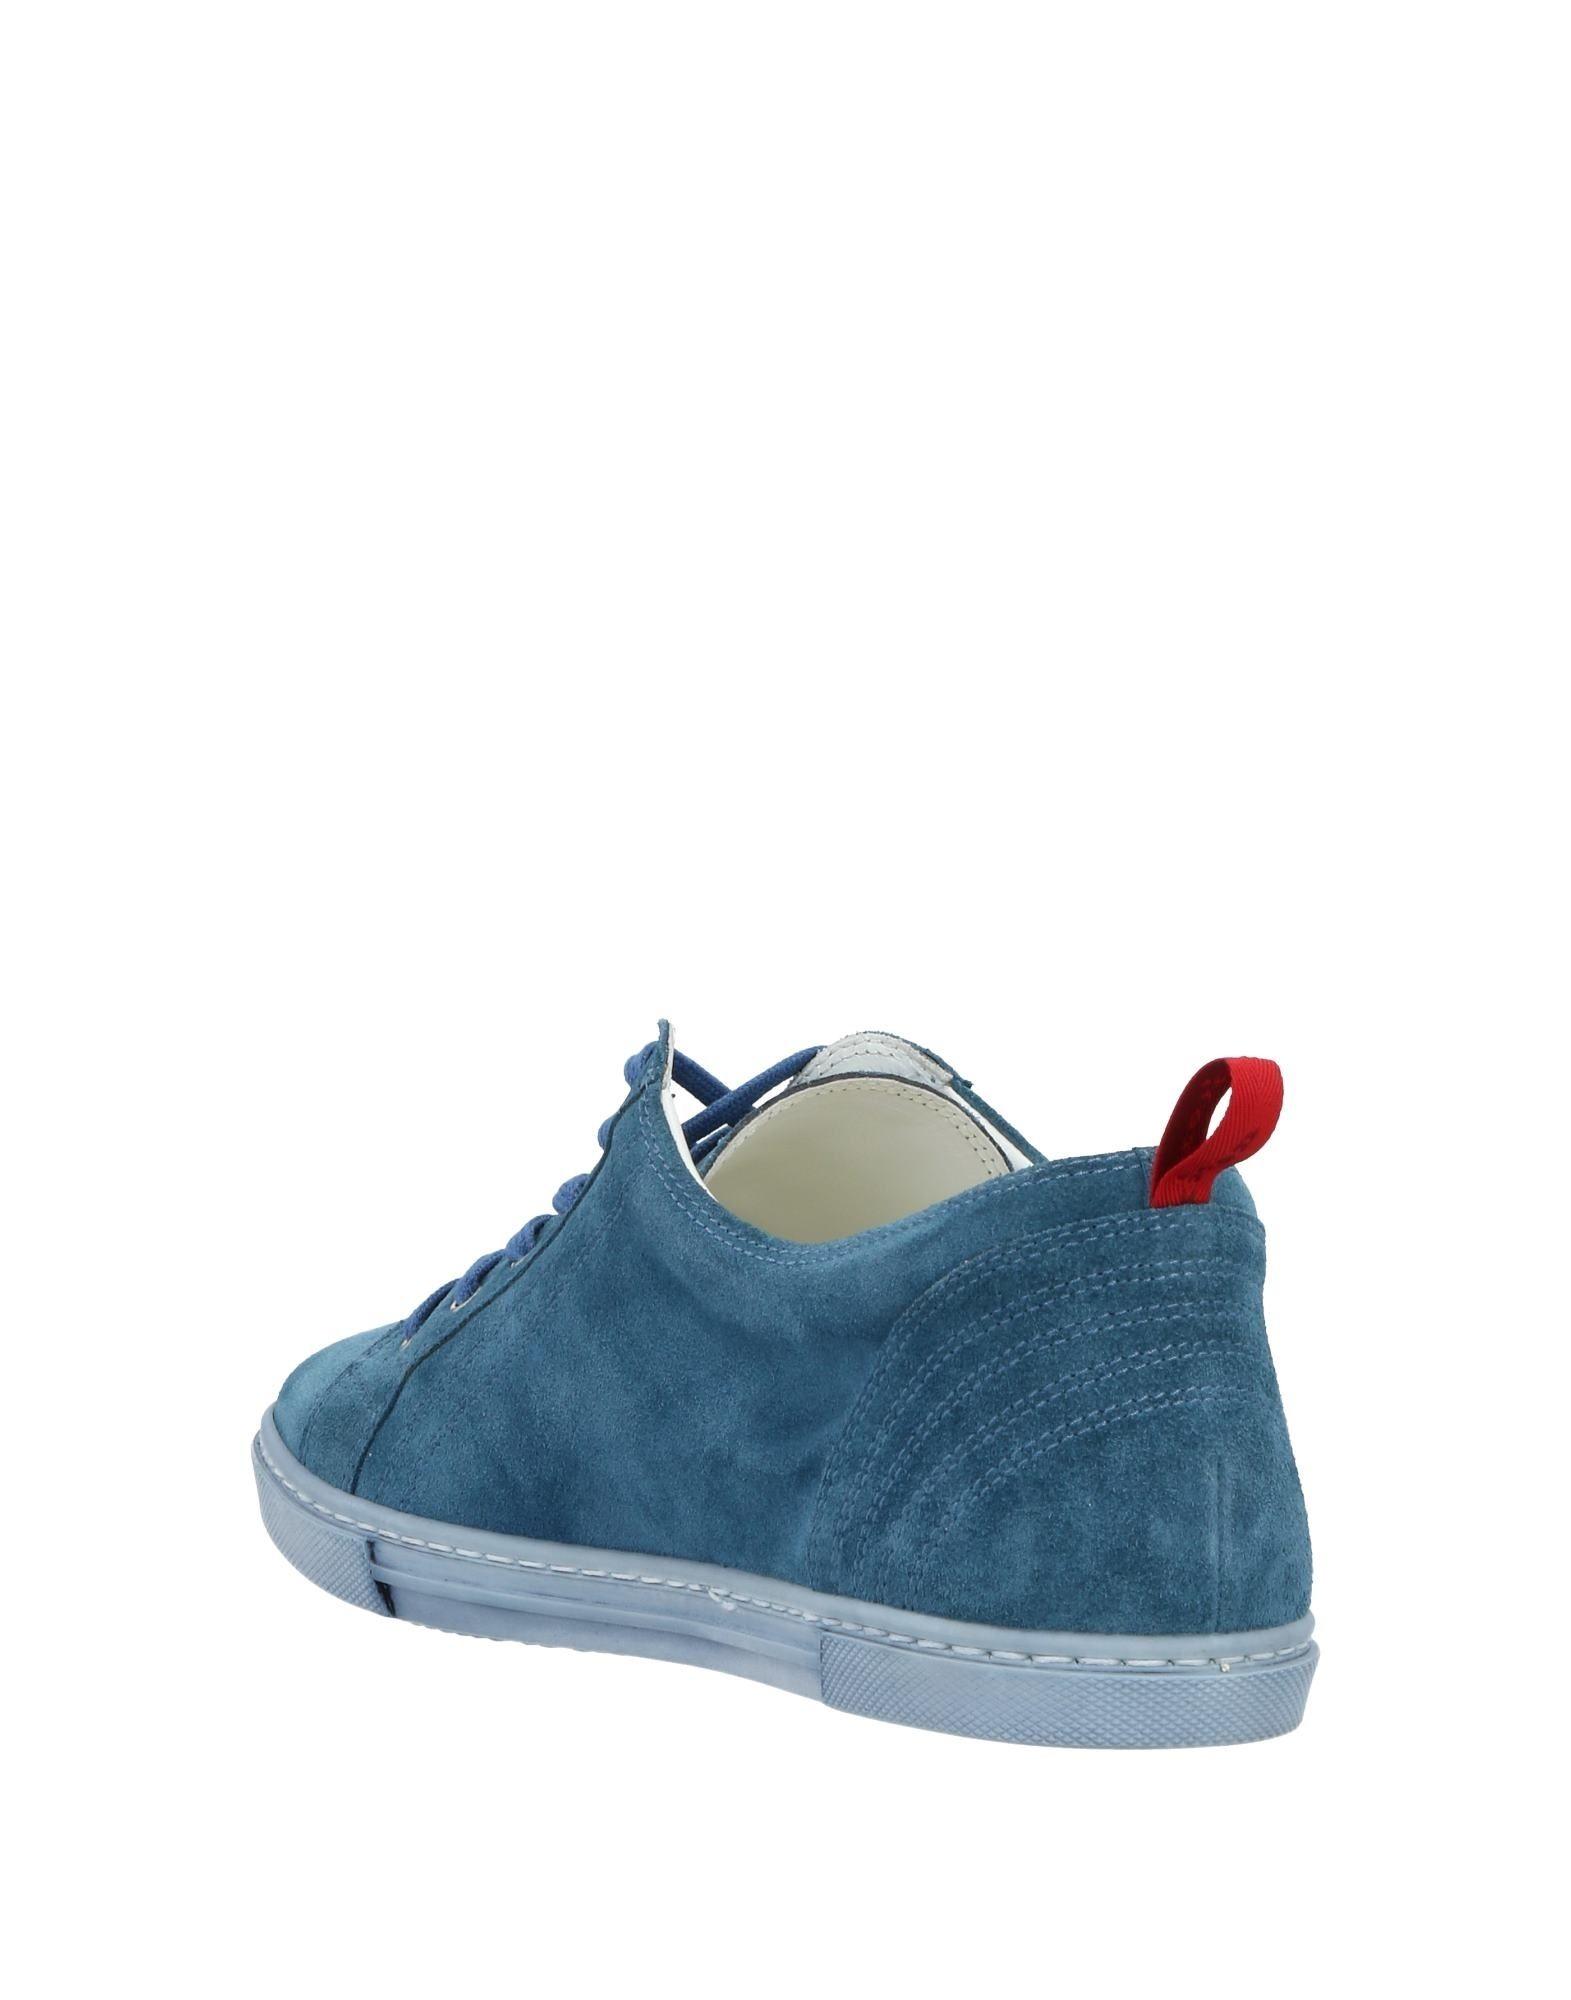 Kiton Kiton  Sneakers Herren  11532688DC a3c154